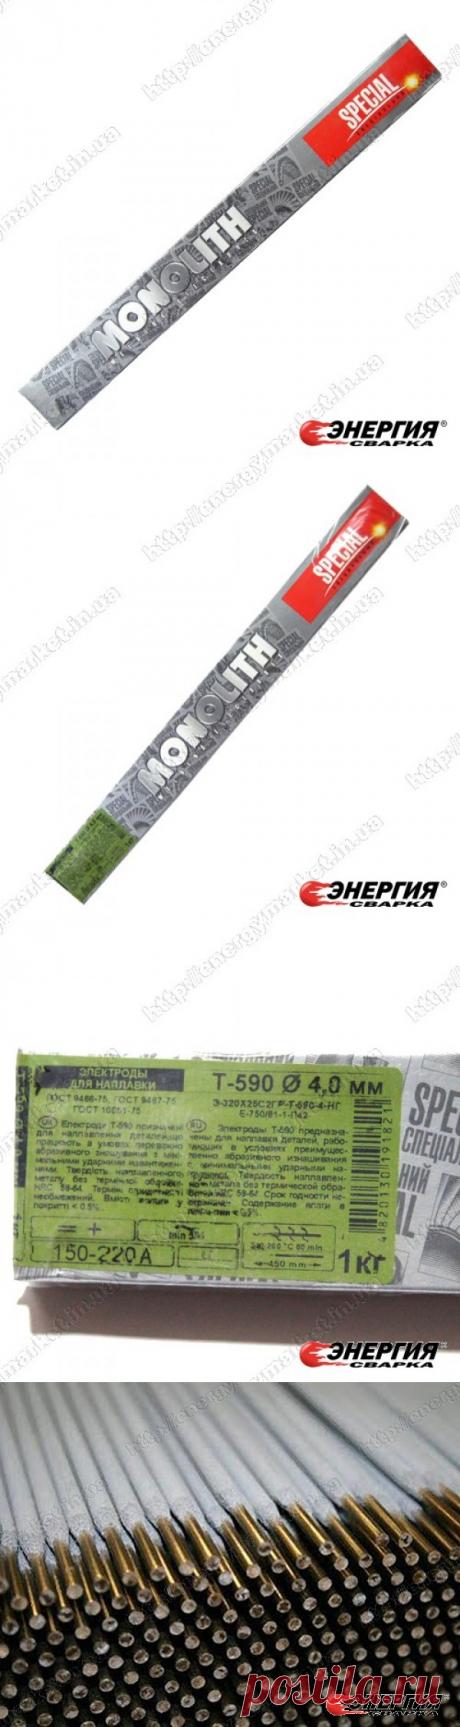 Сварочные электроды Монолит Т590 1кг для наплавки  купить цена Украине